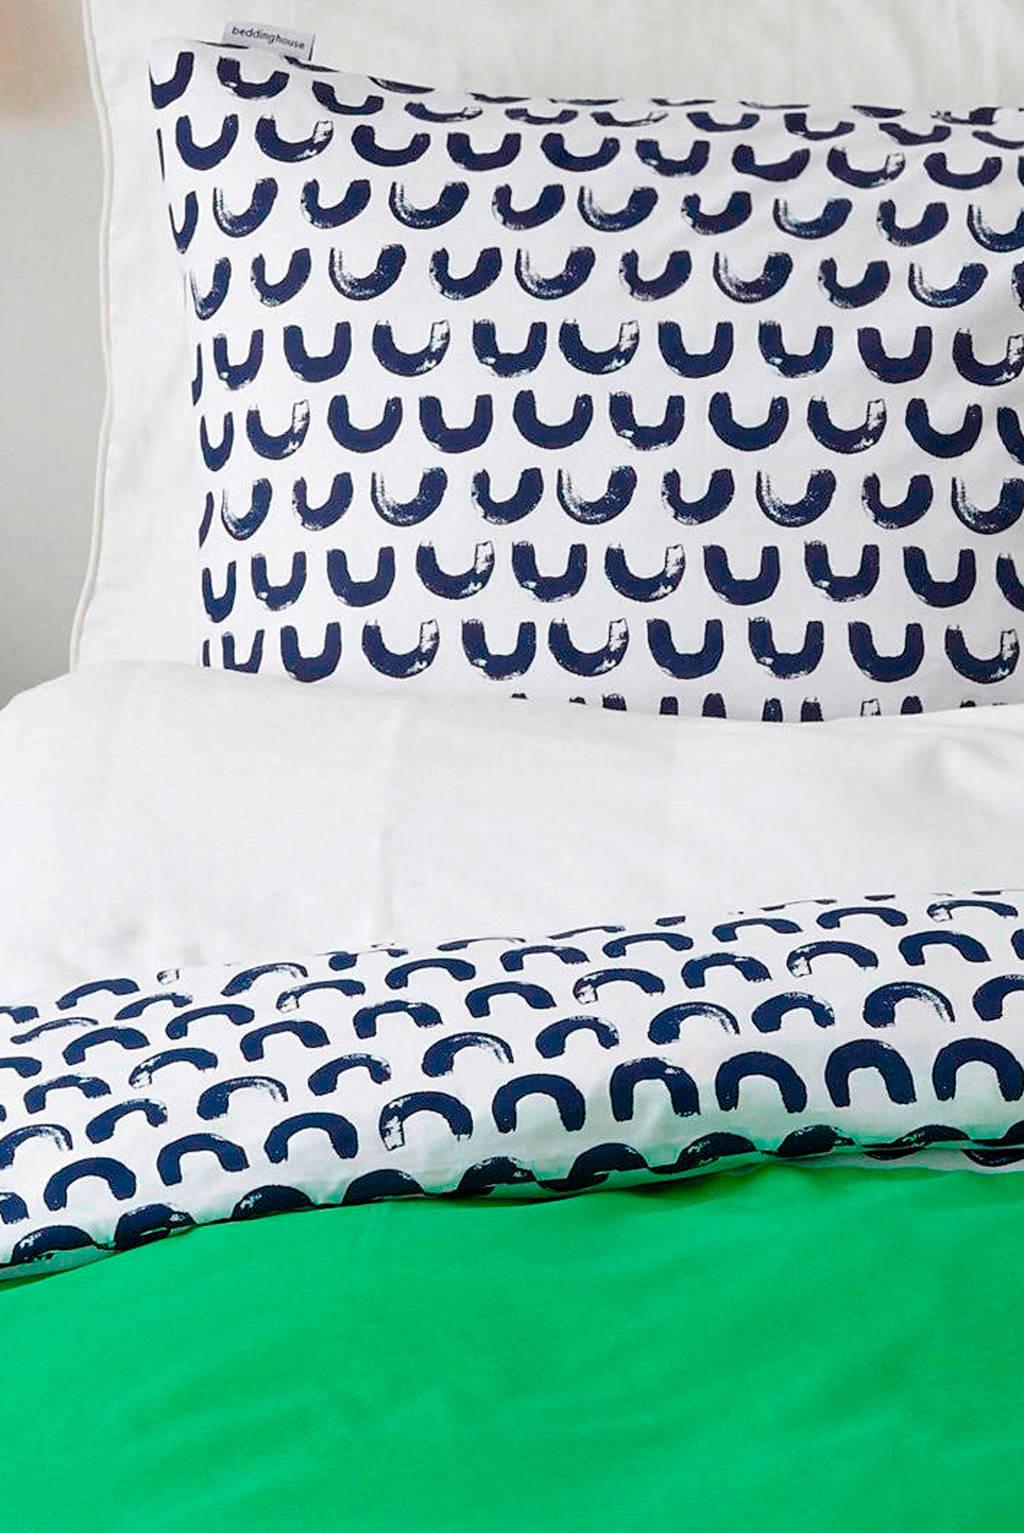 Beddinghouse katoenen kinderdekbedovertrek, Groen/blauw/wit, 1 persoons (140 cm breed)